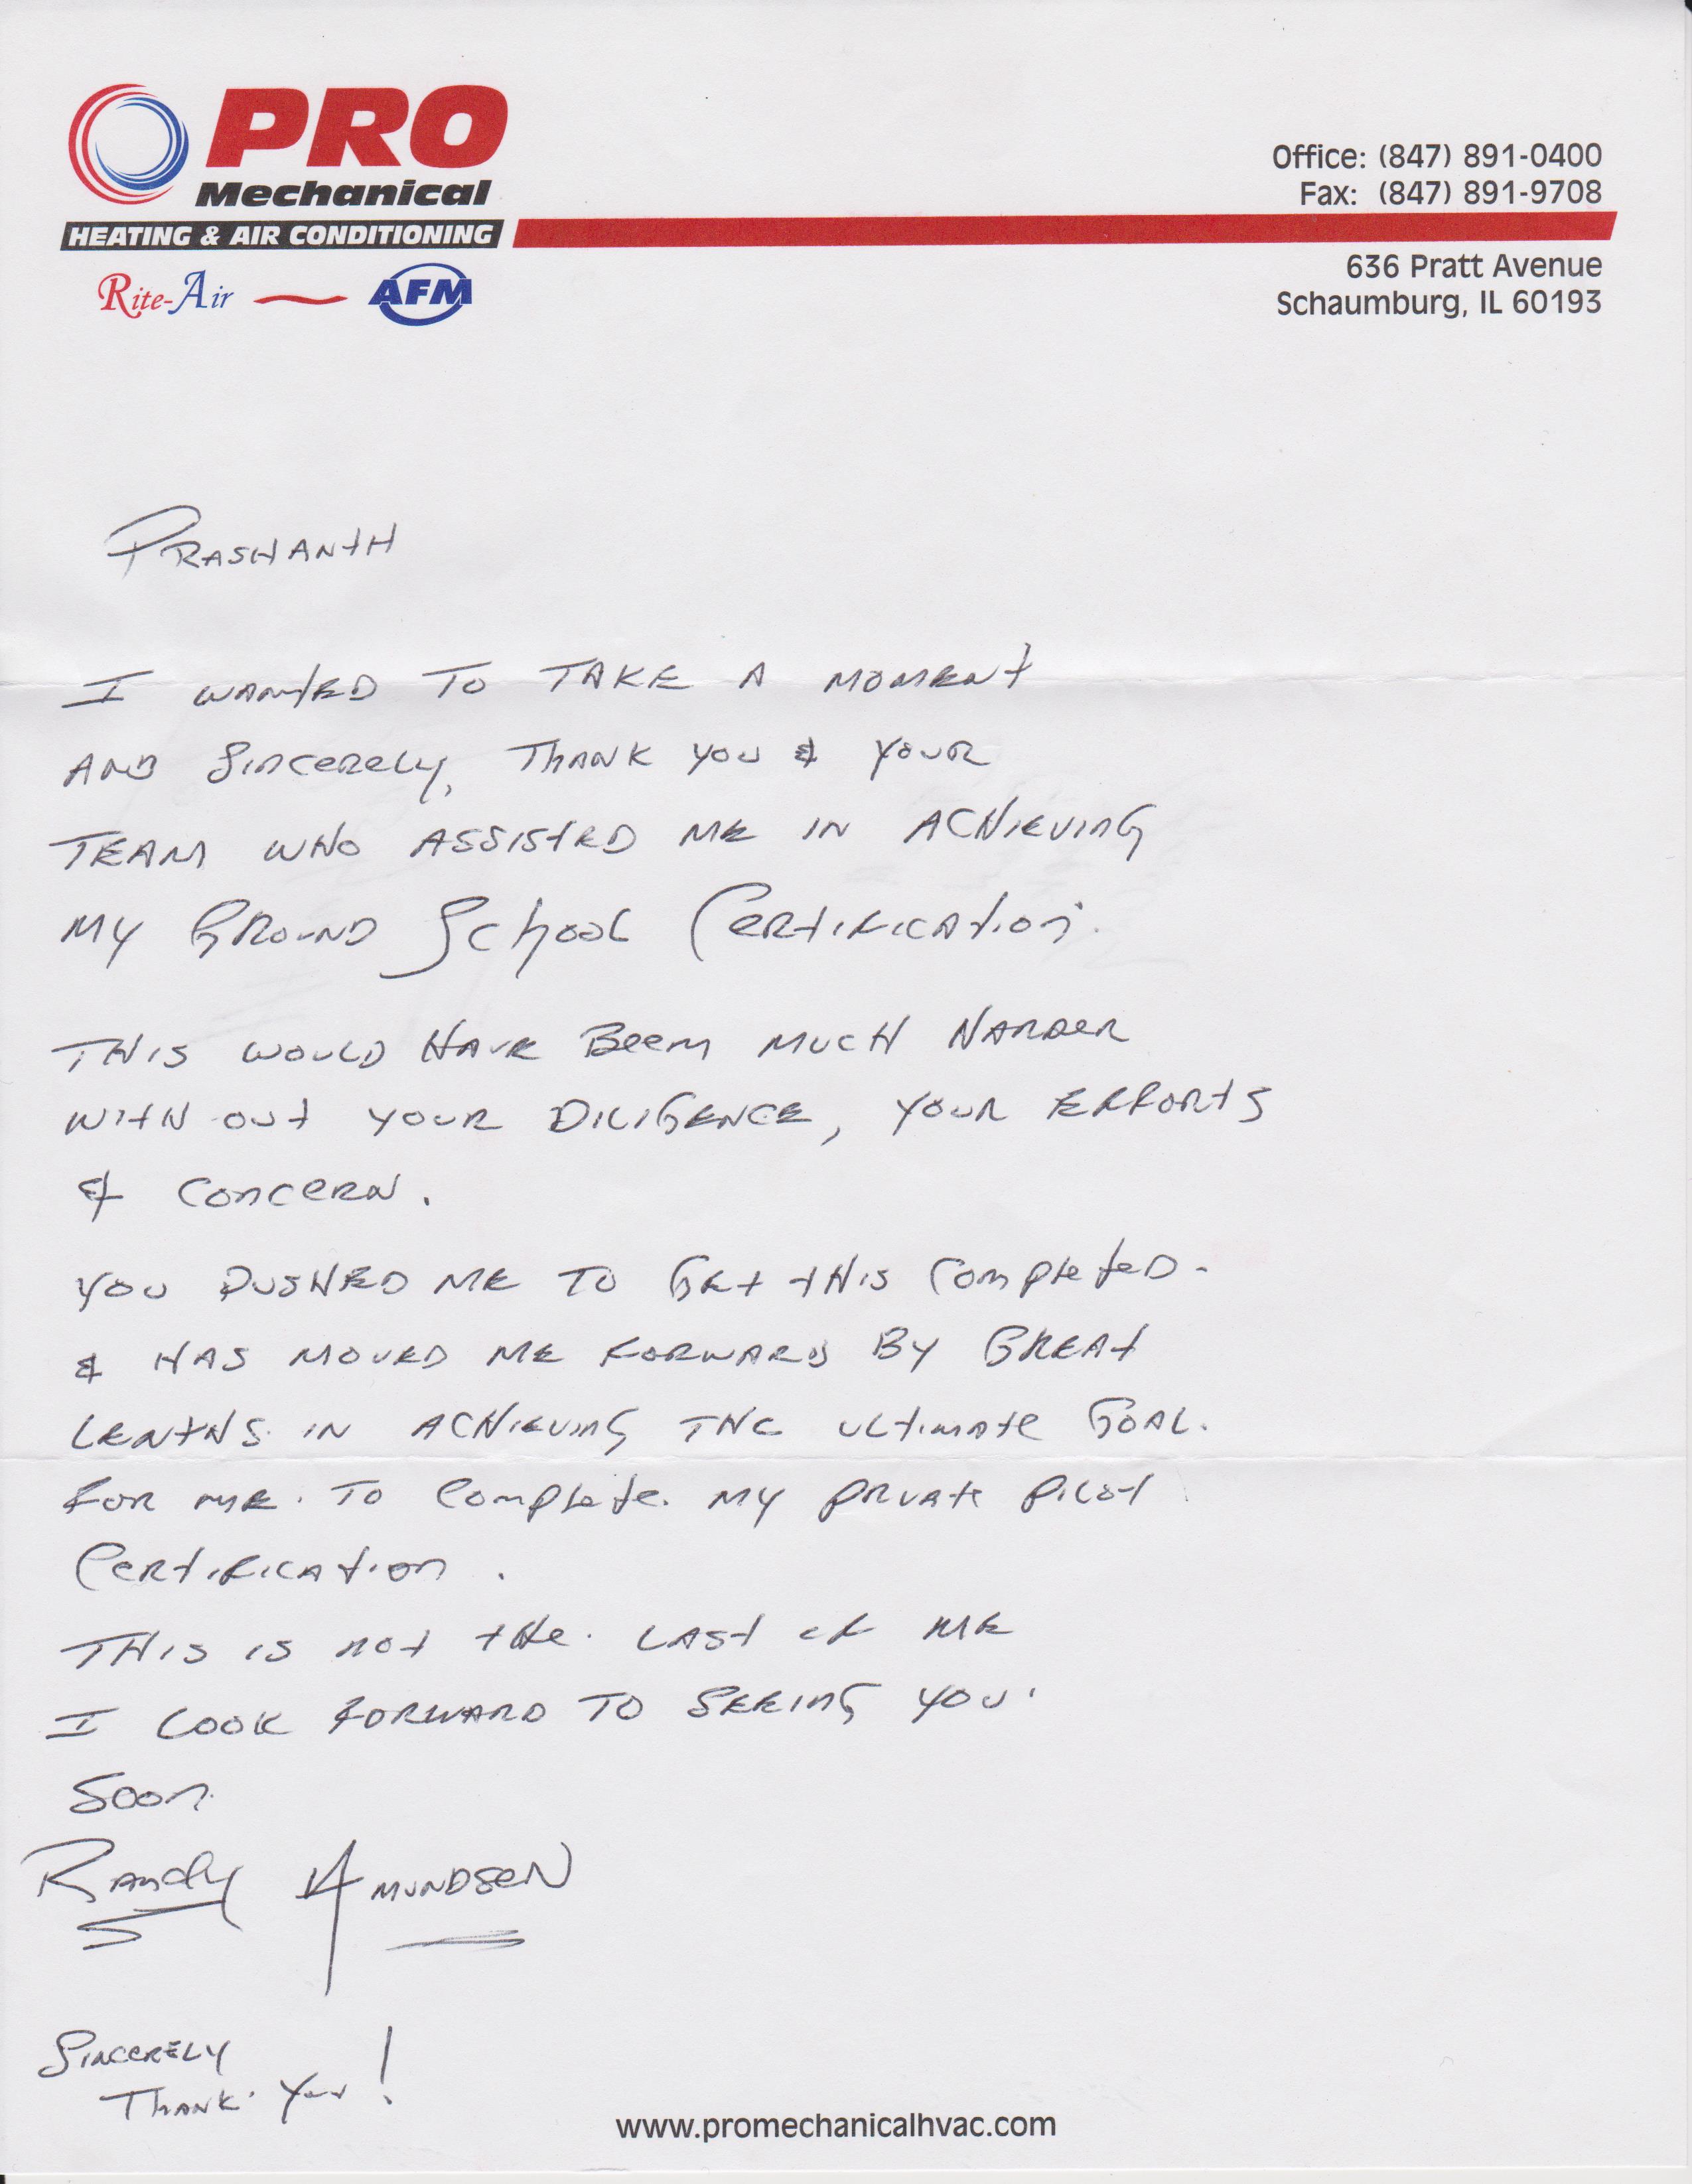 Randy Amundsen letter of appreciation